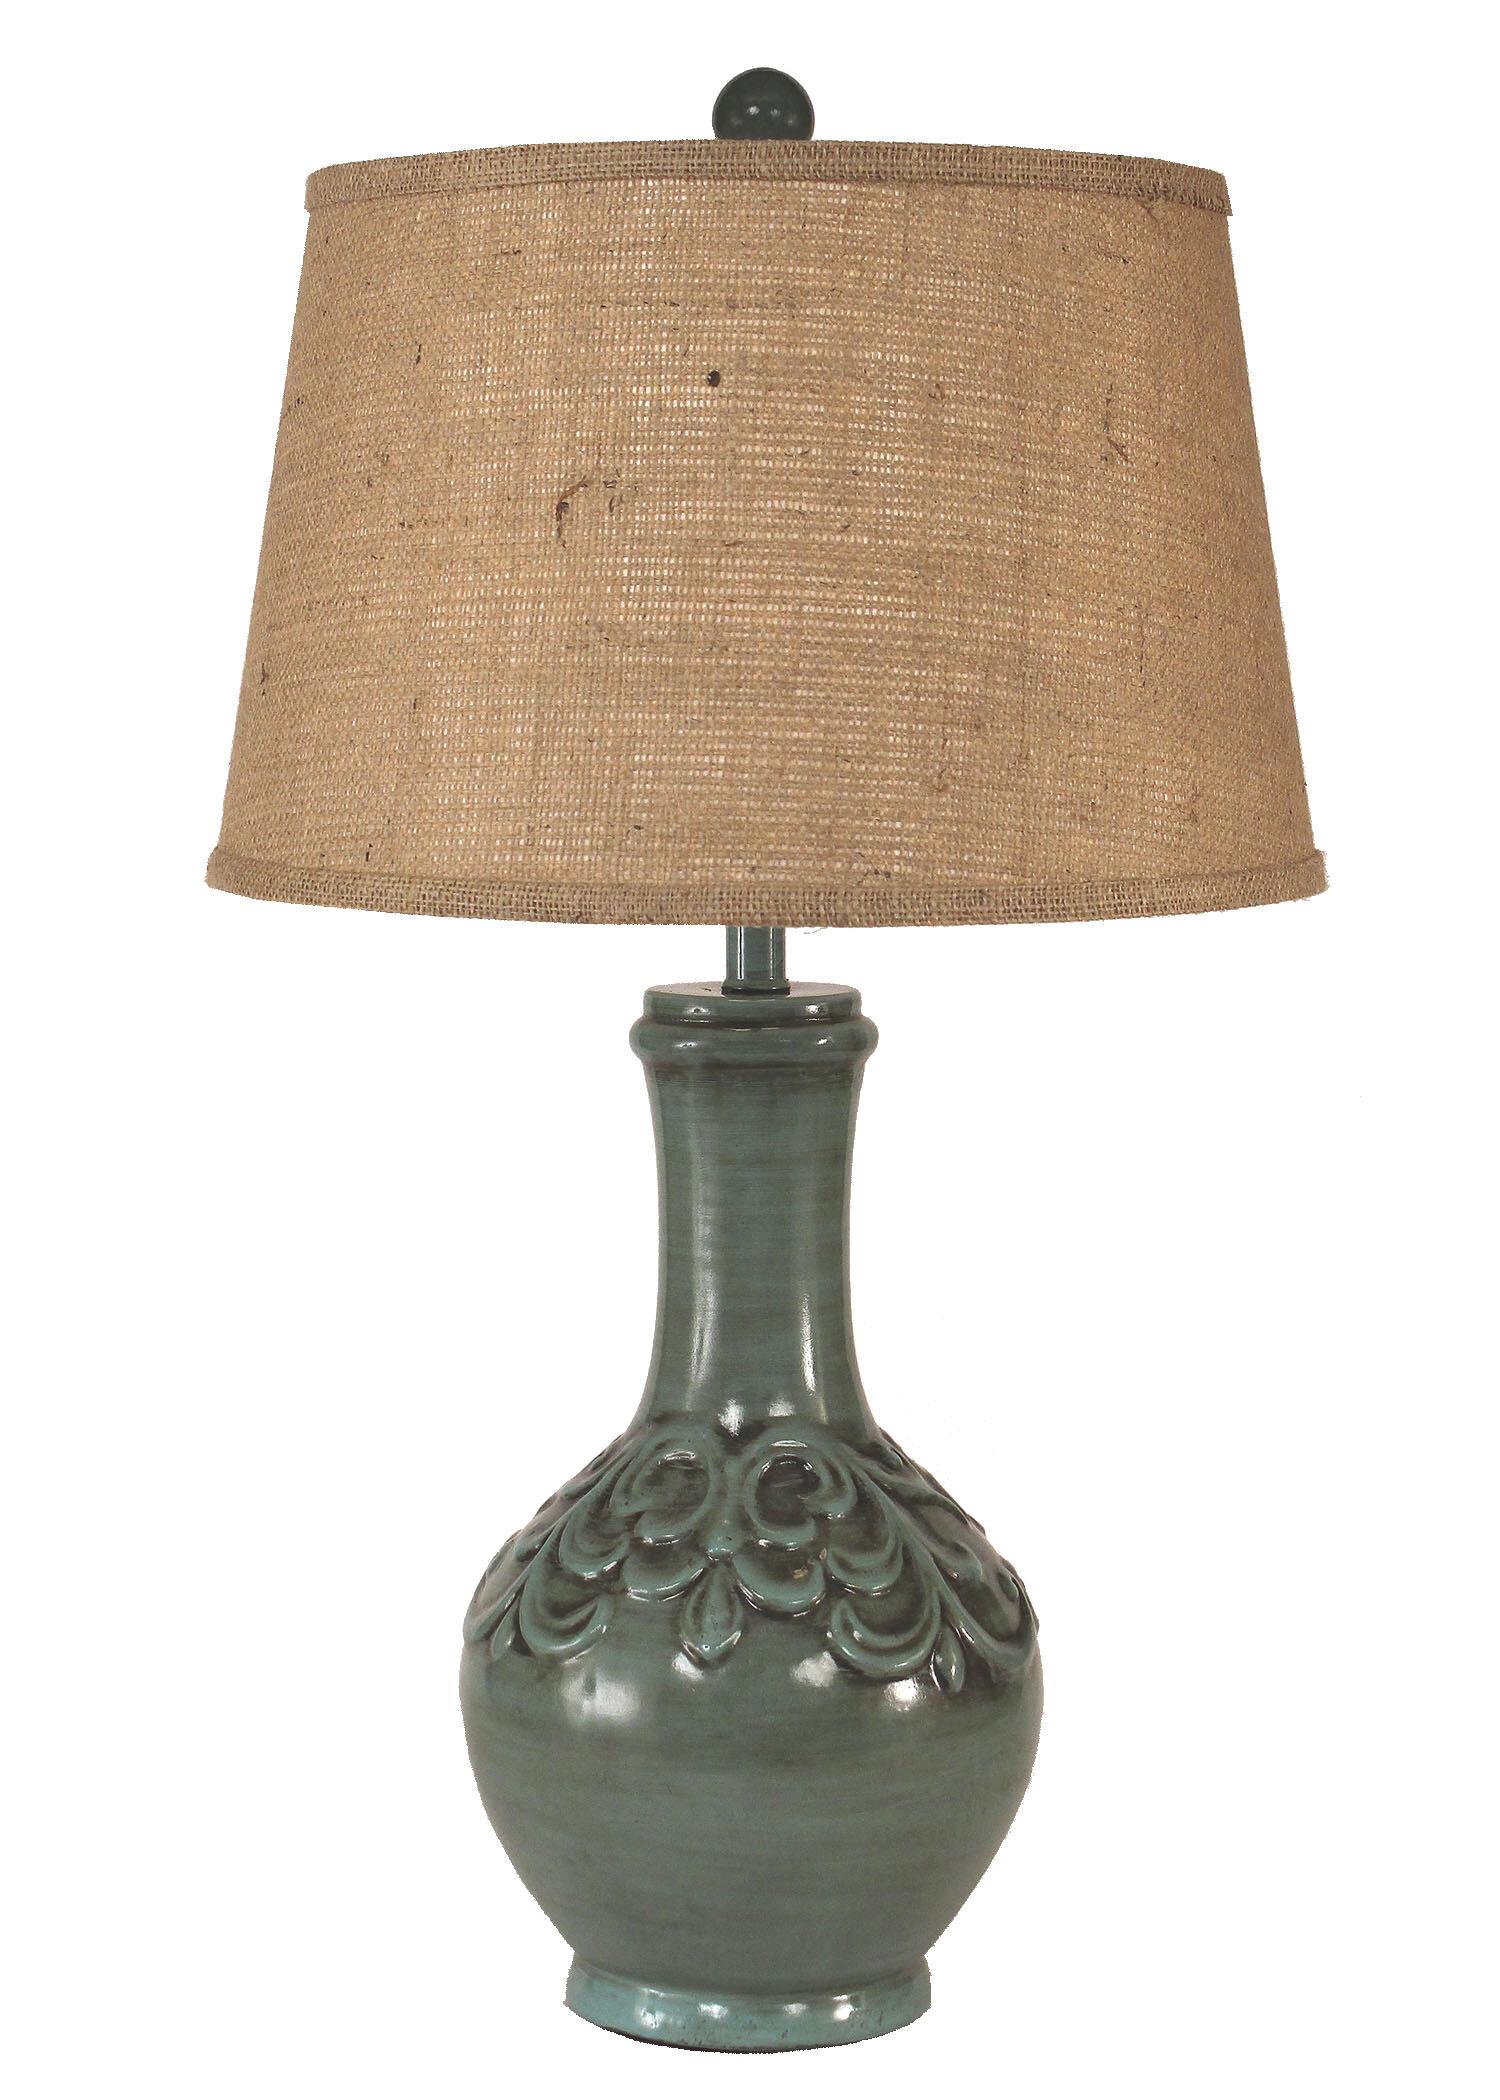 Cardone Fleur De Lis 30 Table Lamp